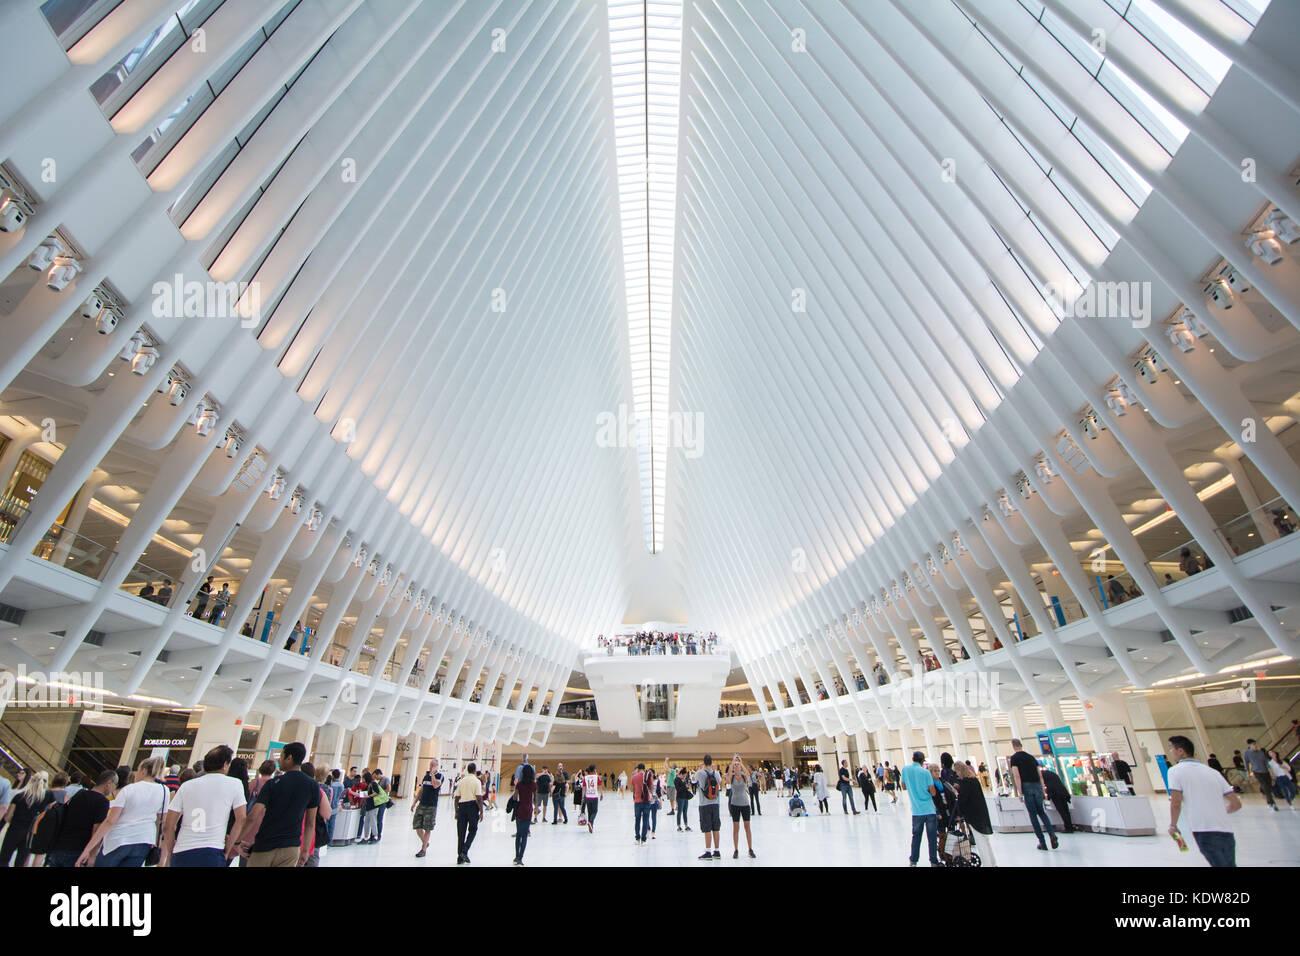 La impresionante arquitectura de la Oculus en el World Trade Center de transportación en la ciudad de Nueva Imagen De Stock